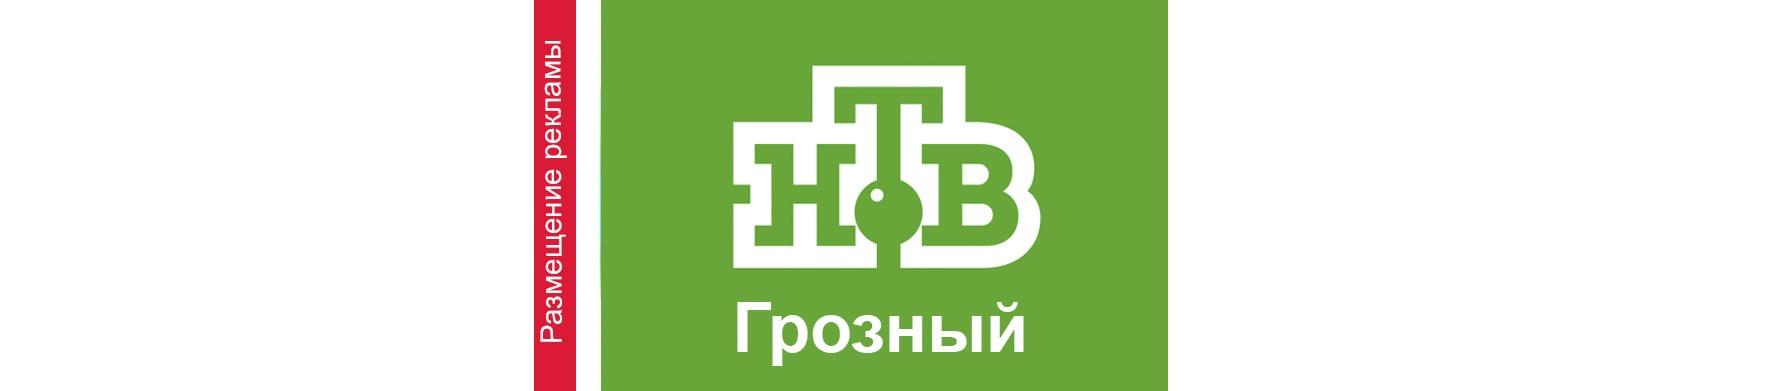 Реклама на телевидении в Чечне НТВ Грозный